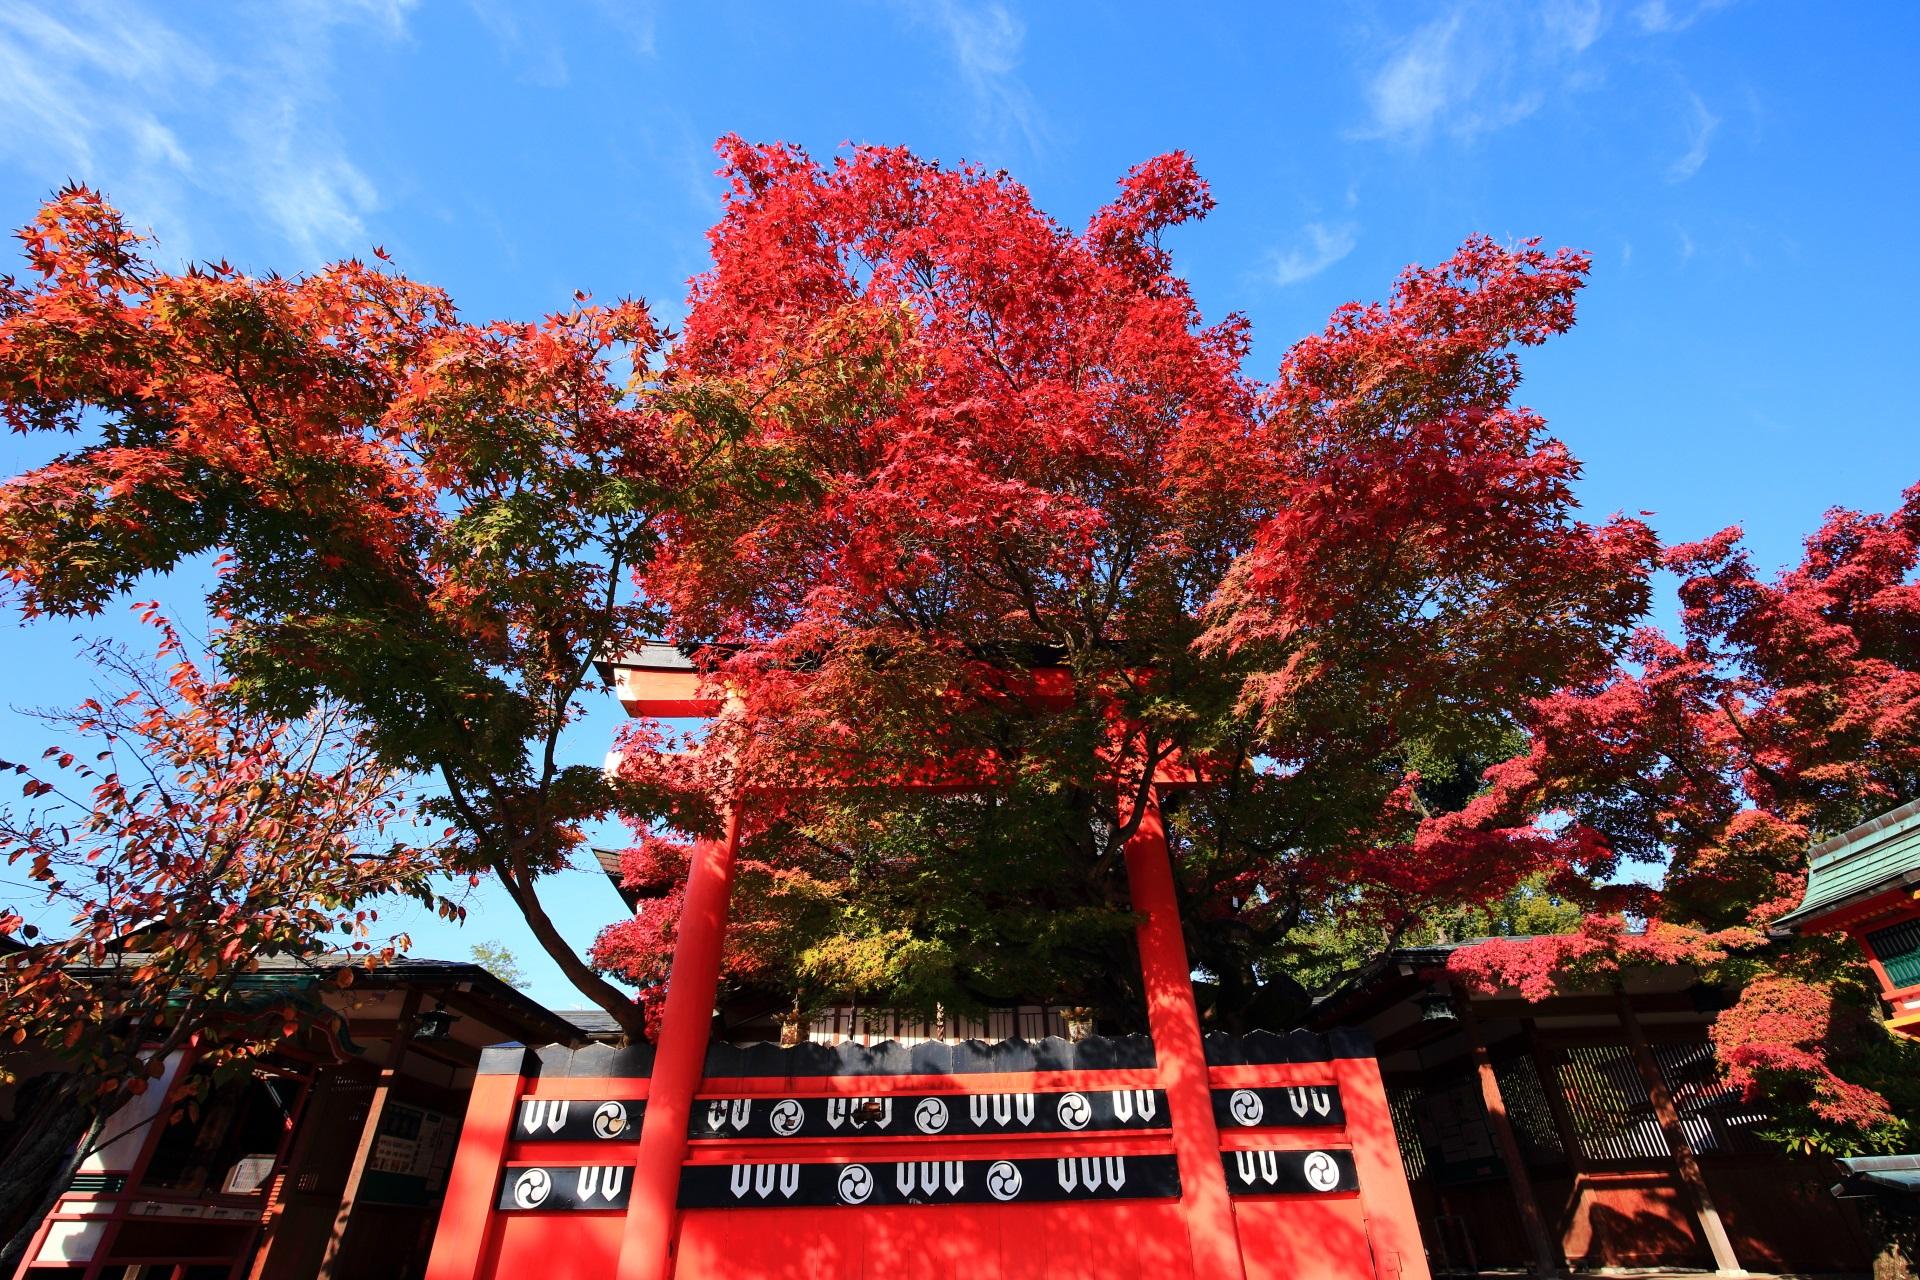 車折神社の鮮やかな紅葉と秋の情景